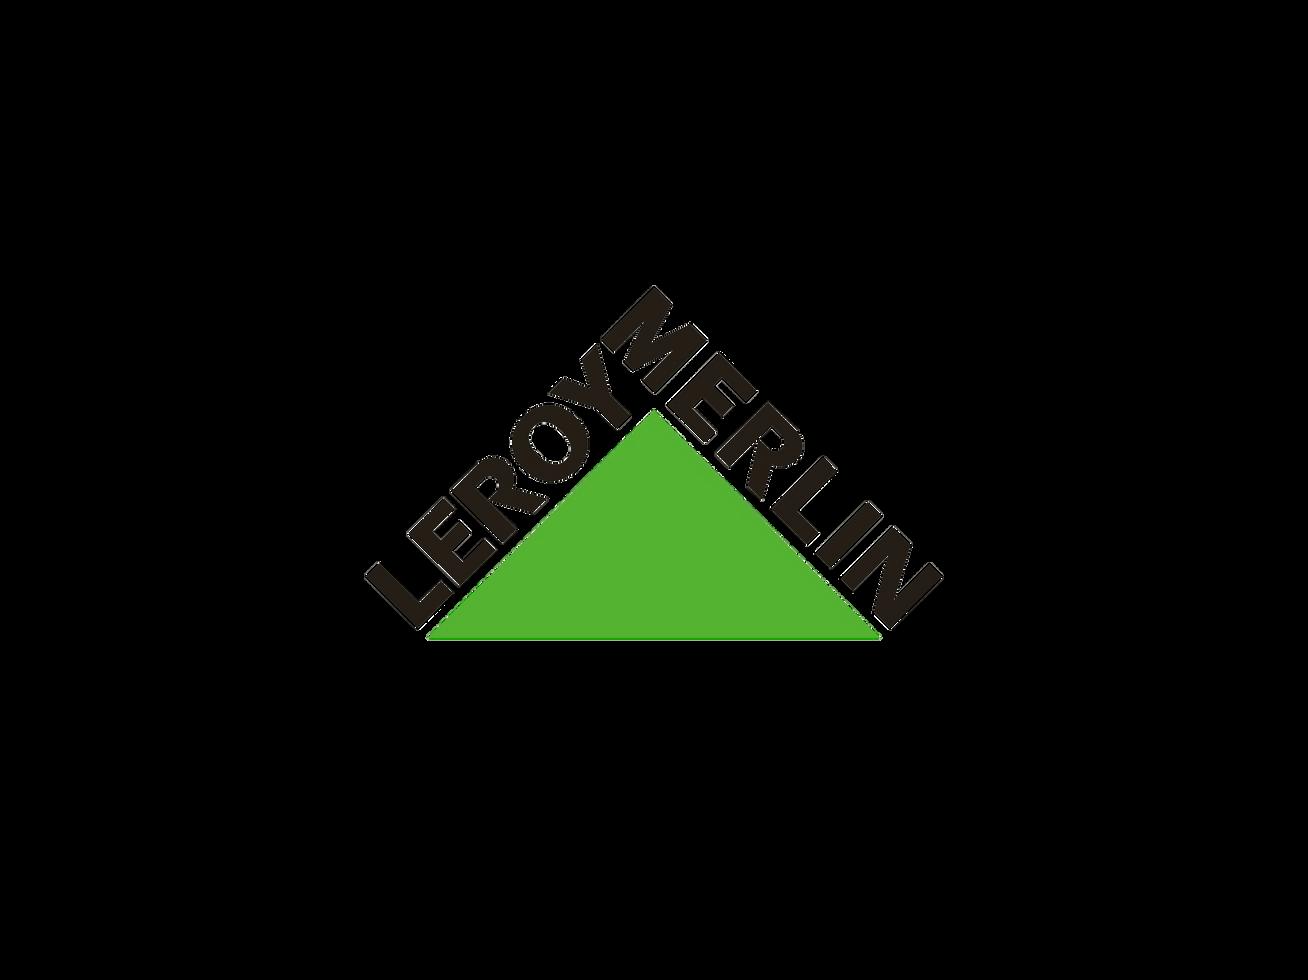 Leroy-merlin-site.png